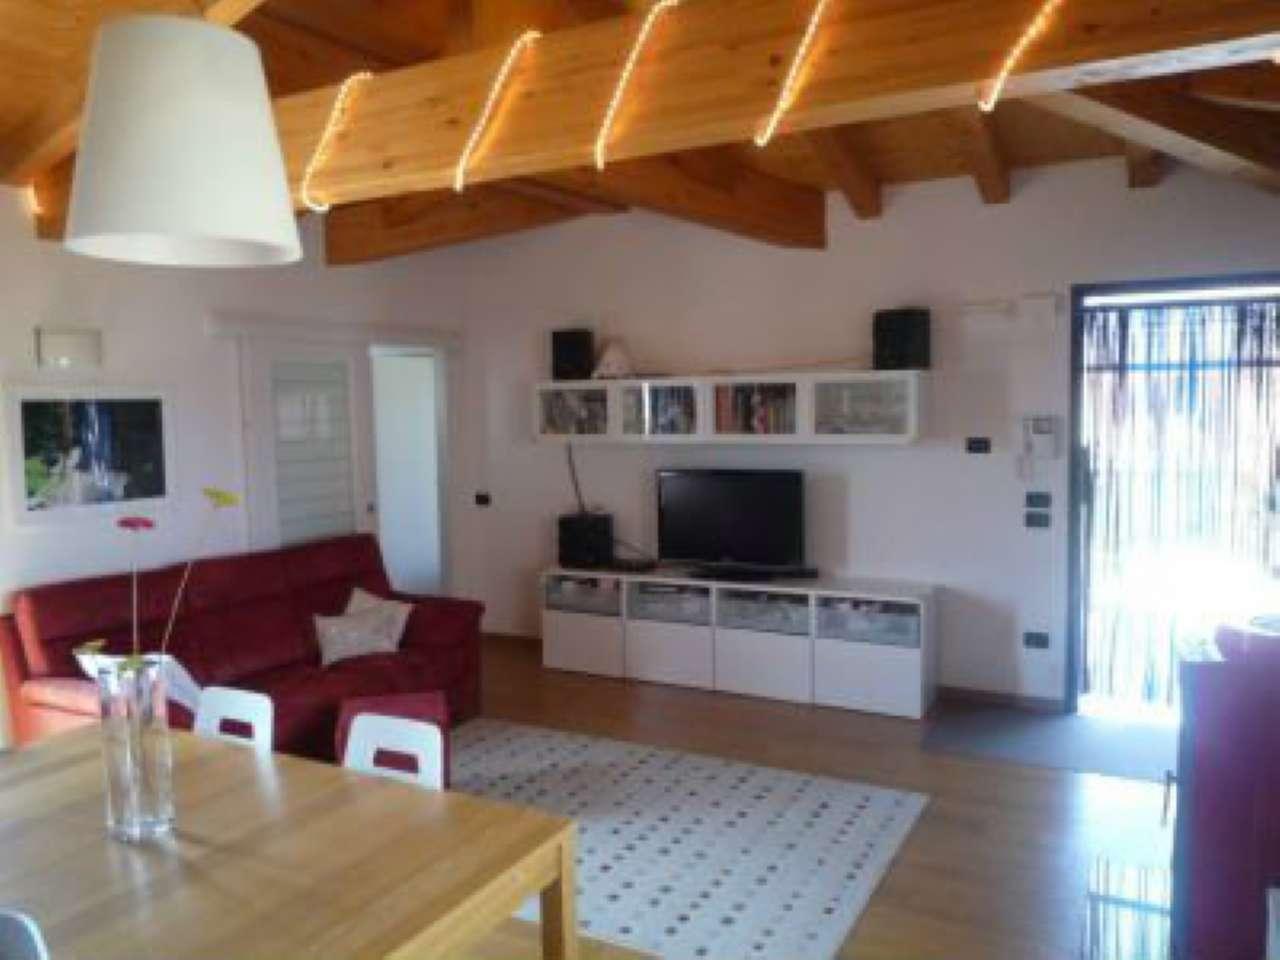 Appartamento in vendita a Castelfranco Veneto, 3 locali, prezzo € 154.000 | CambioCasa.it